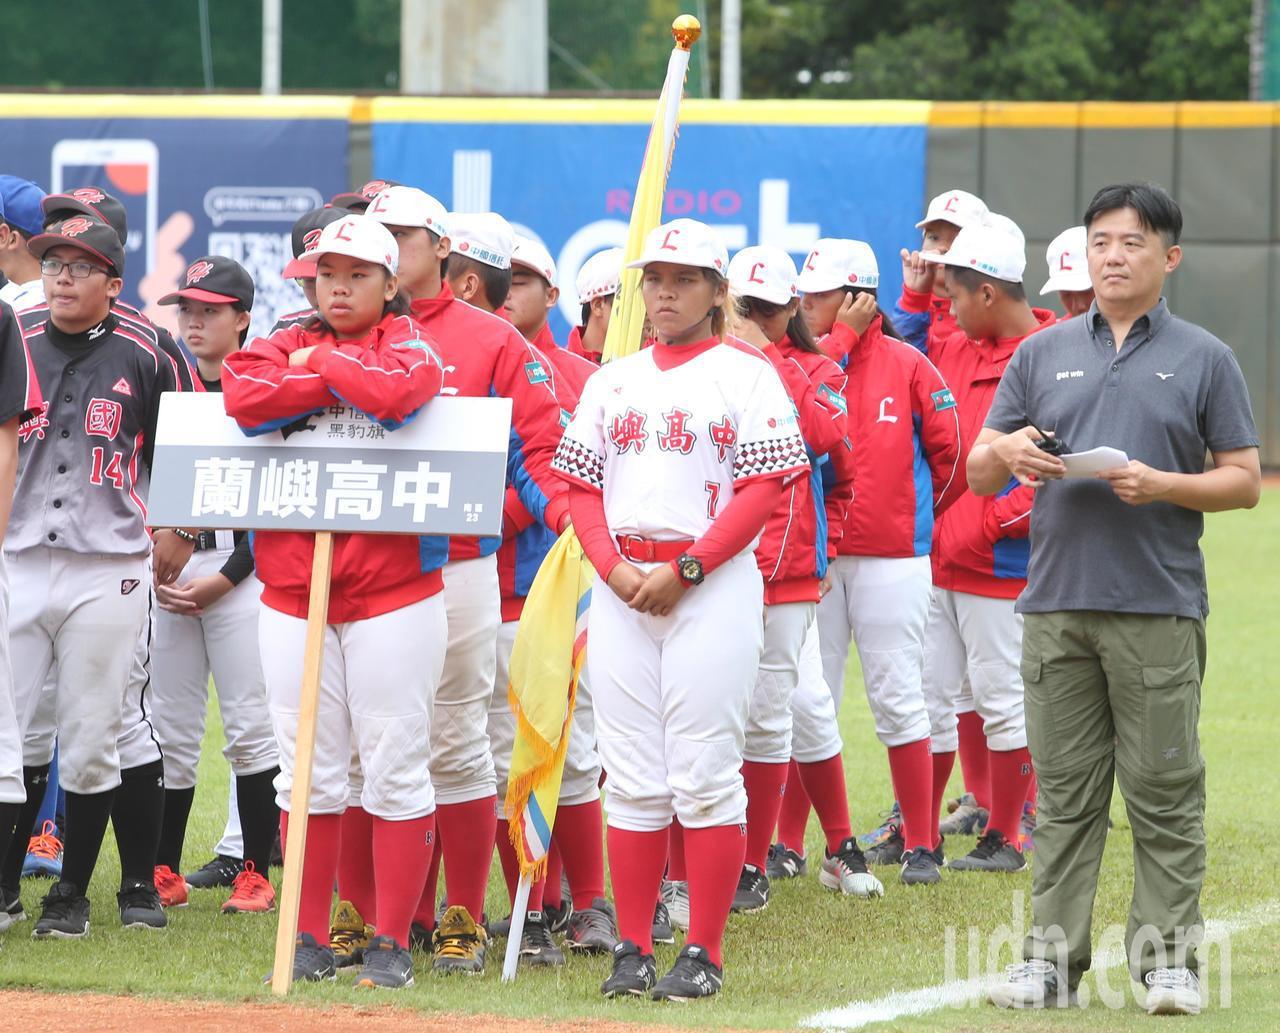 中信盃黑豹旗全國高中棒球大賽下午在天母棒球場舉行開幕儀式,而蘭嶼高中也是首次參加...